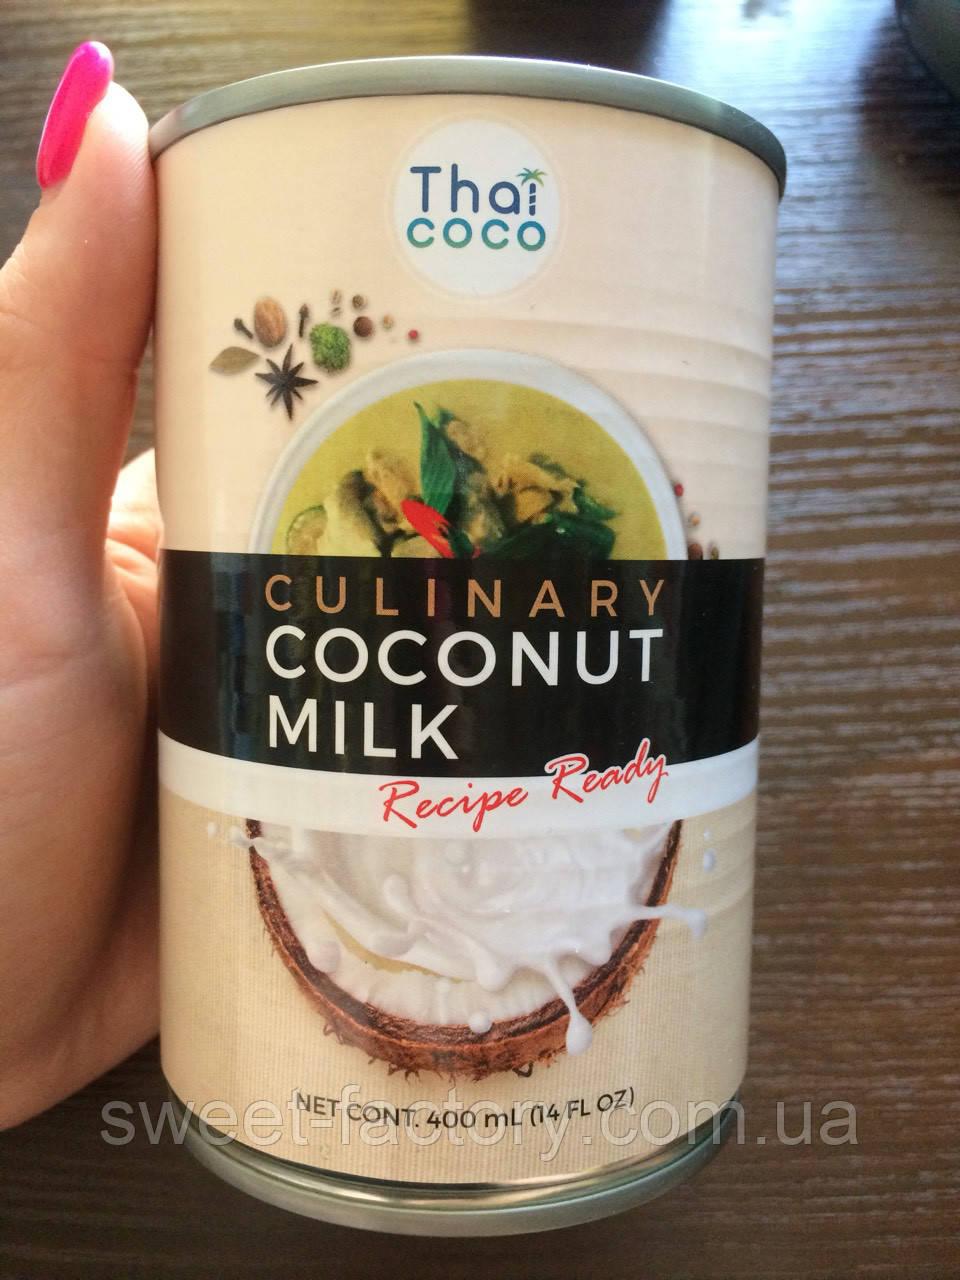 Кокосовое молоко Coconut Milk Culinari